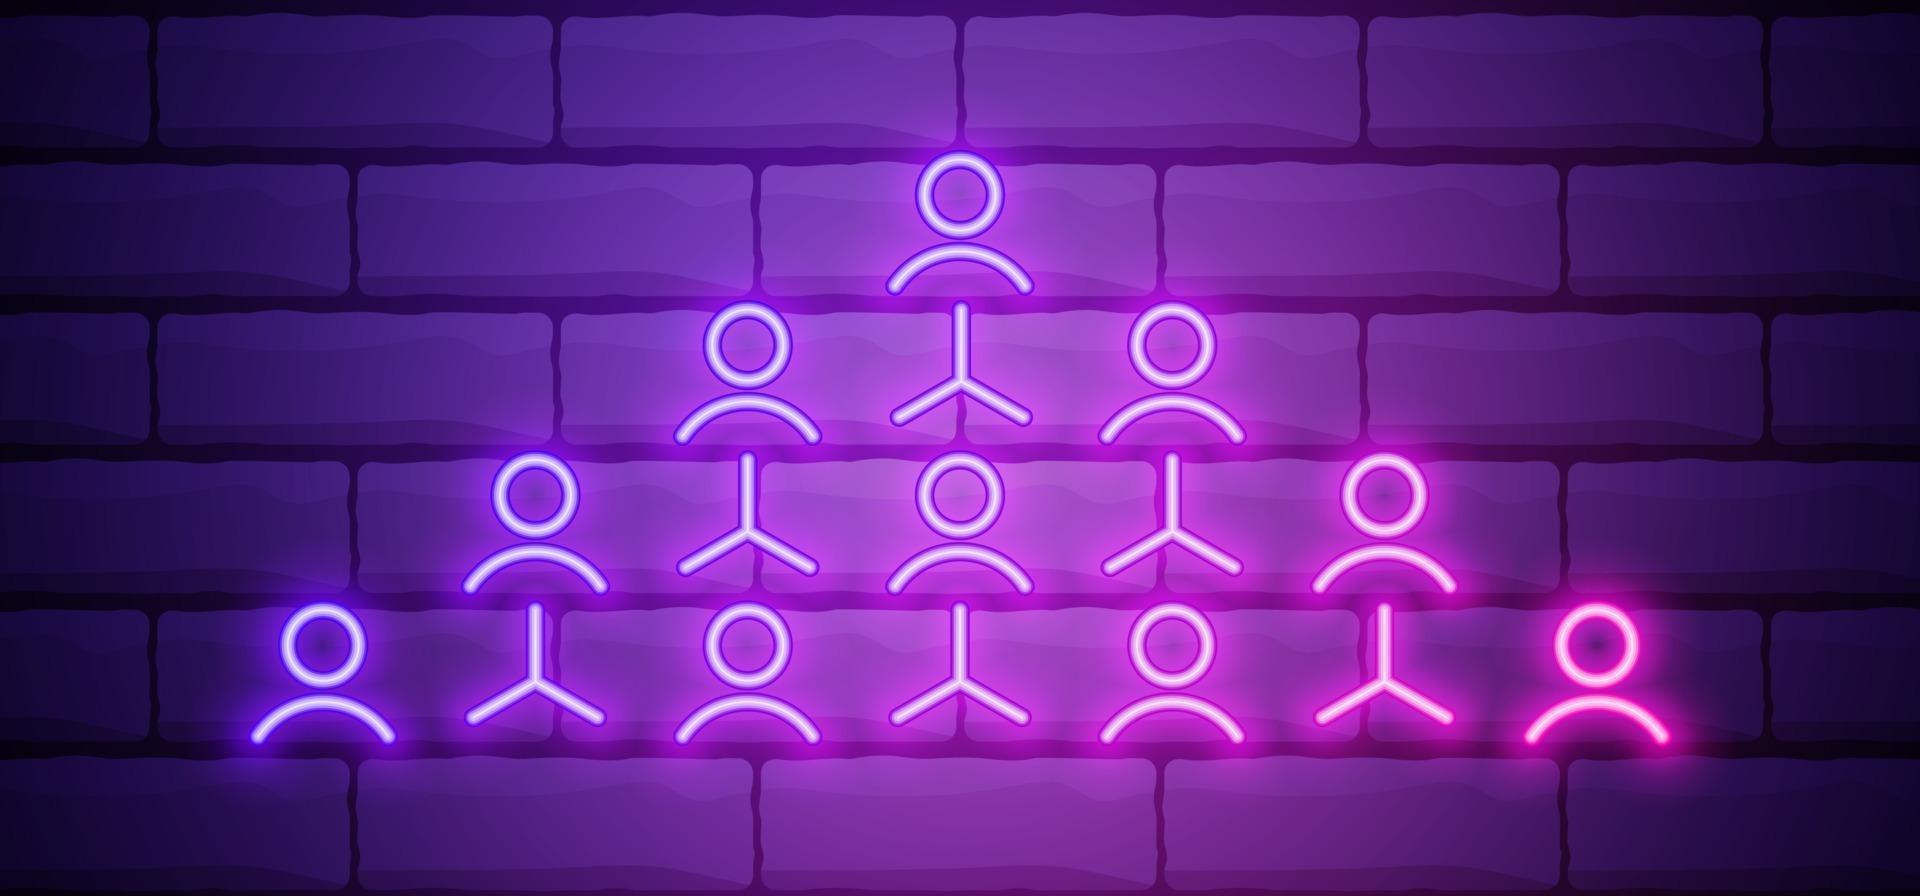 glödande neon hänvisning marknadsföring ikon isolerad på tegelvägg bakgrund. nätverksmarknadsföring, affärspartnerskap, strategi för remissprogram. vektor illustration